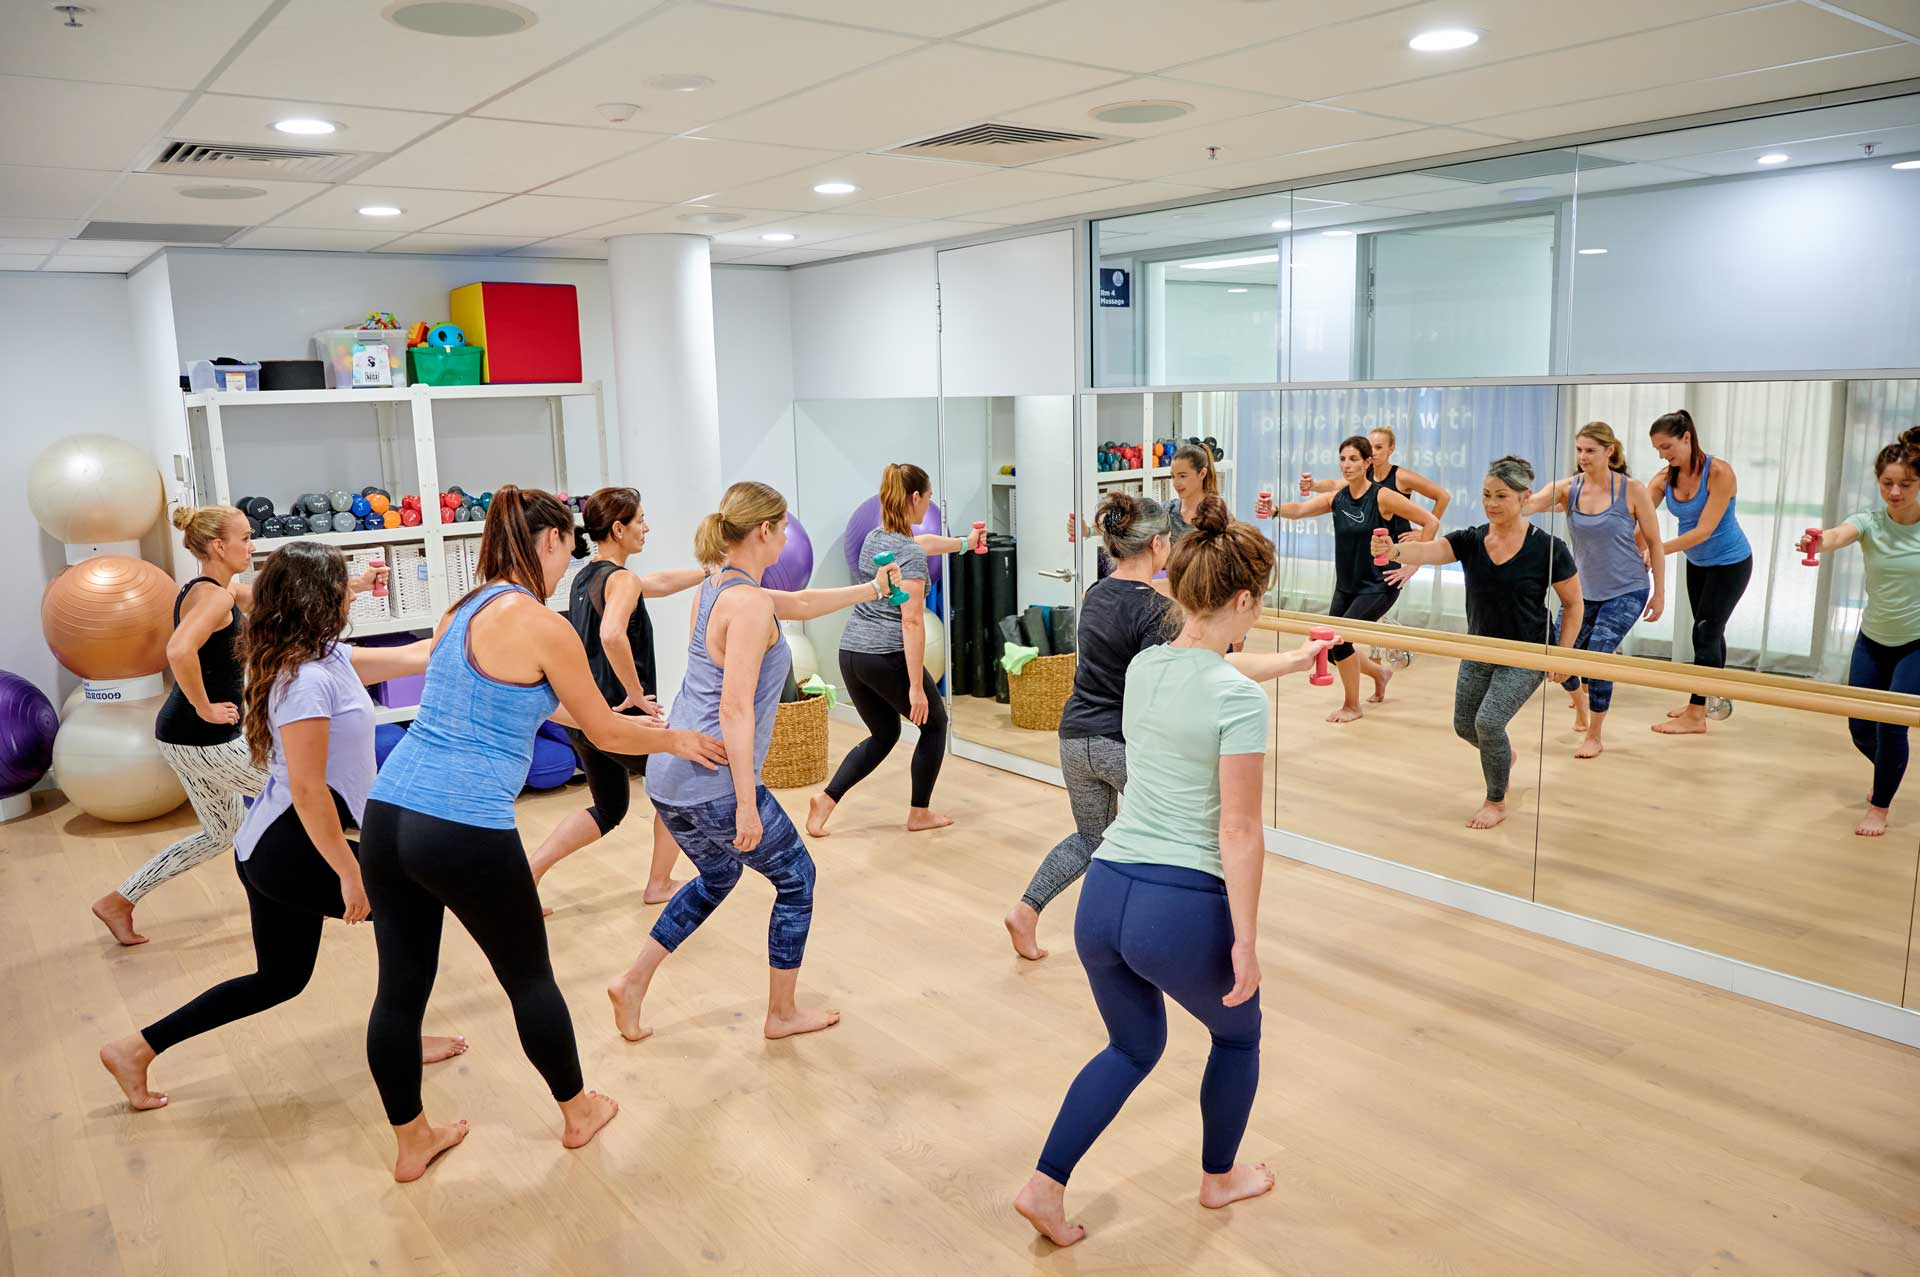 Physio-led exercise classes